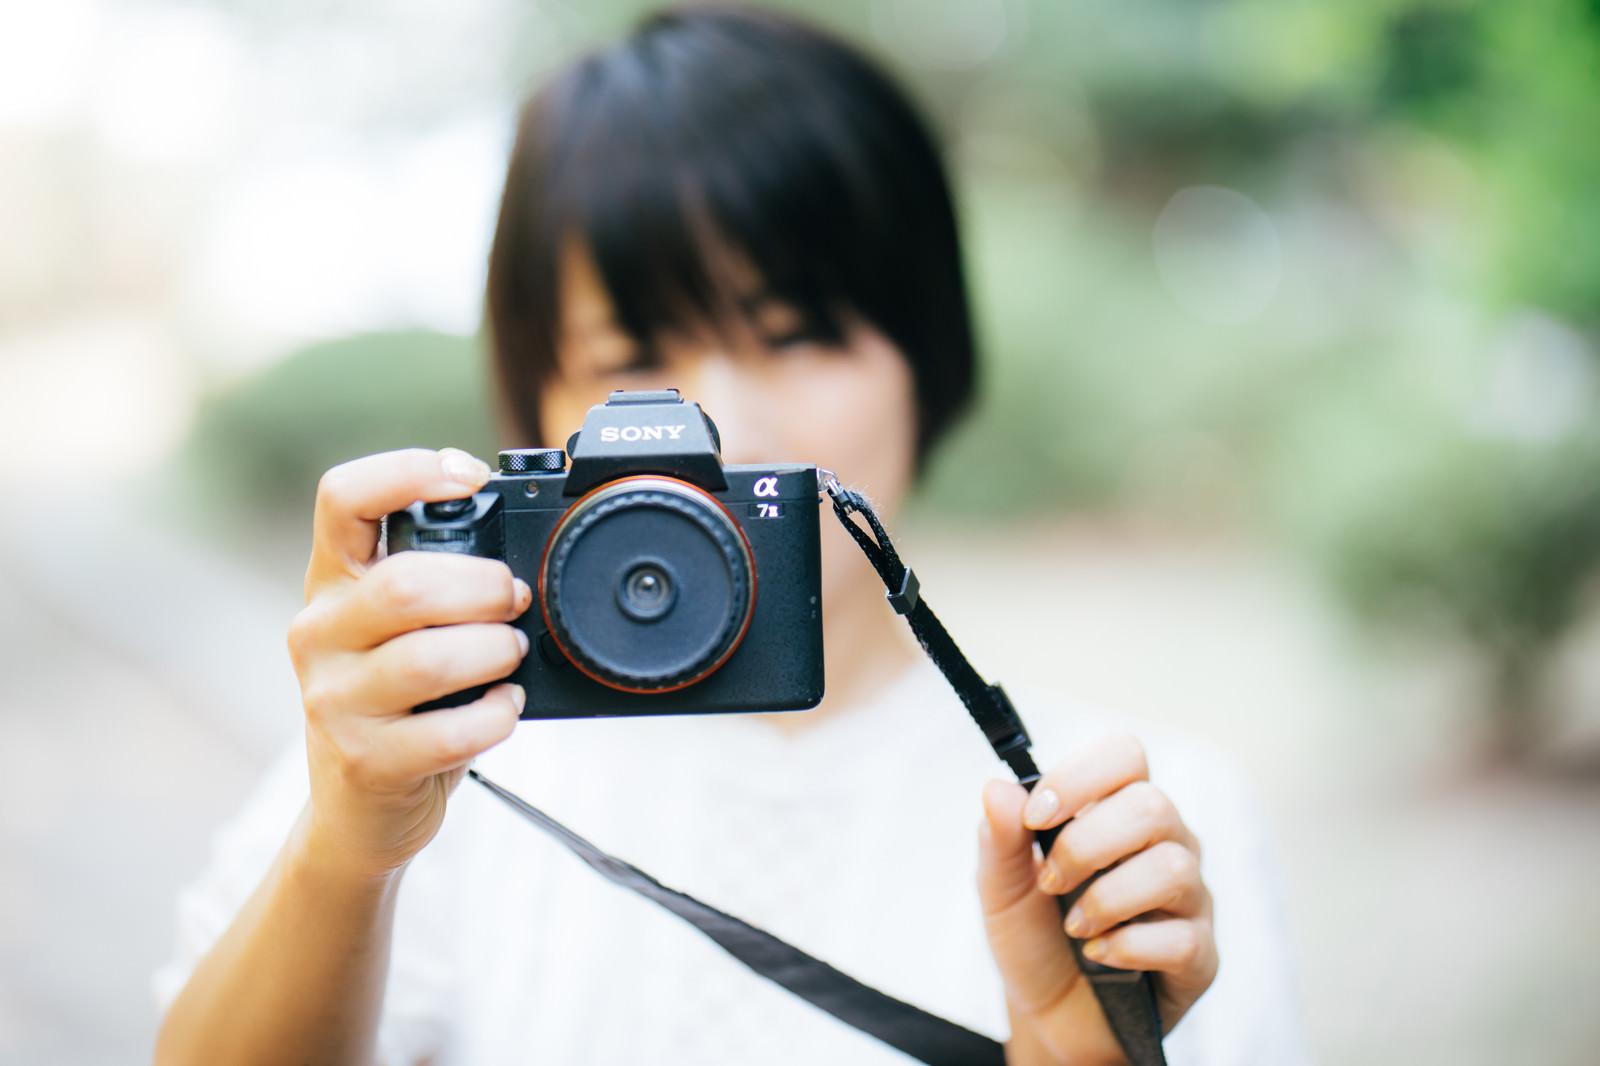 「ミラーレスカメラを持って屋外撮影 | 写真の無料素材・フリー素材 - ぱくたそ」の写真[モデル:にゃるる]